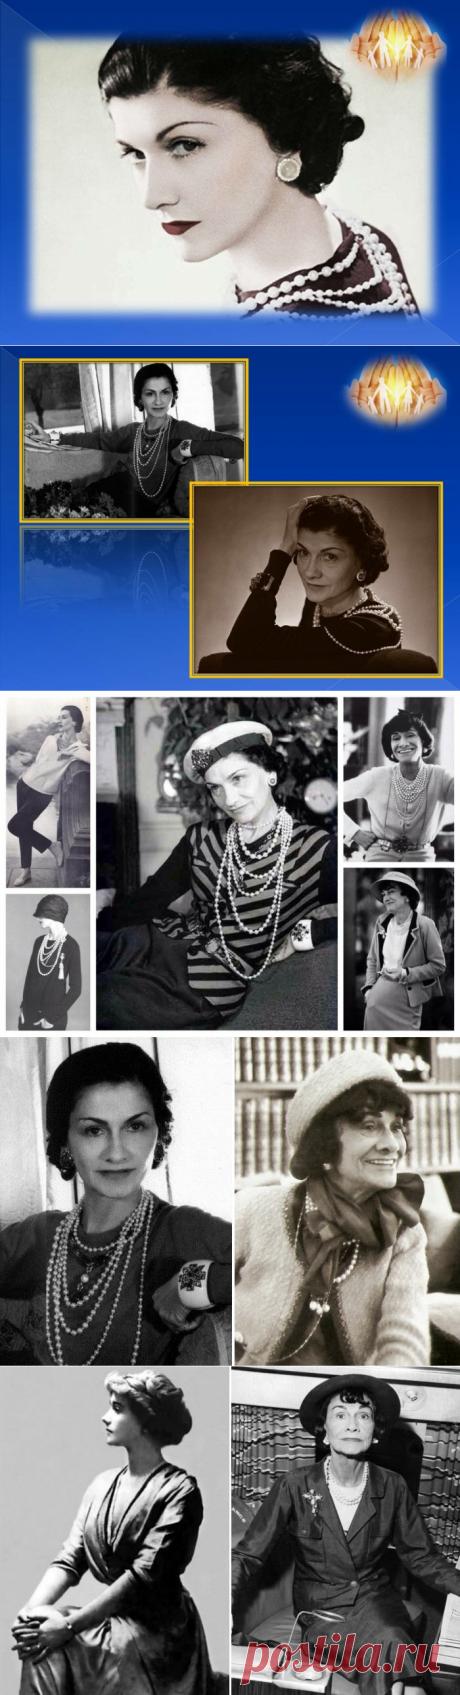 Женской половине семьи на заметку - 12 правил жизни от великолепной Коко Шанель | Семейный психолог | Яндекс Дзен